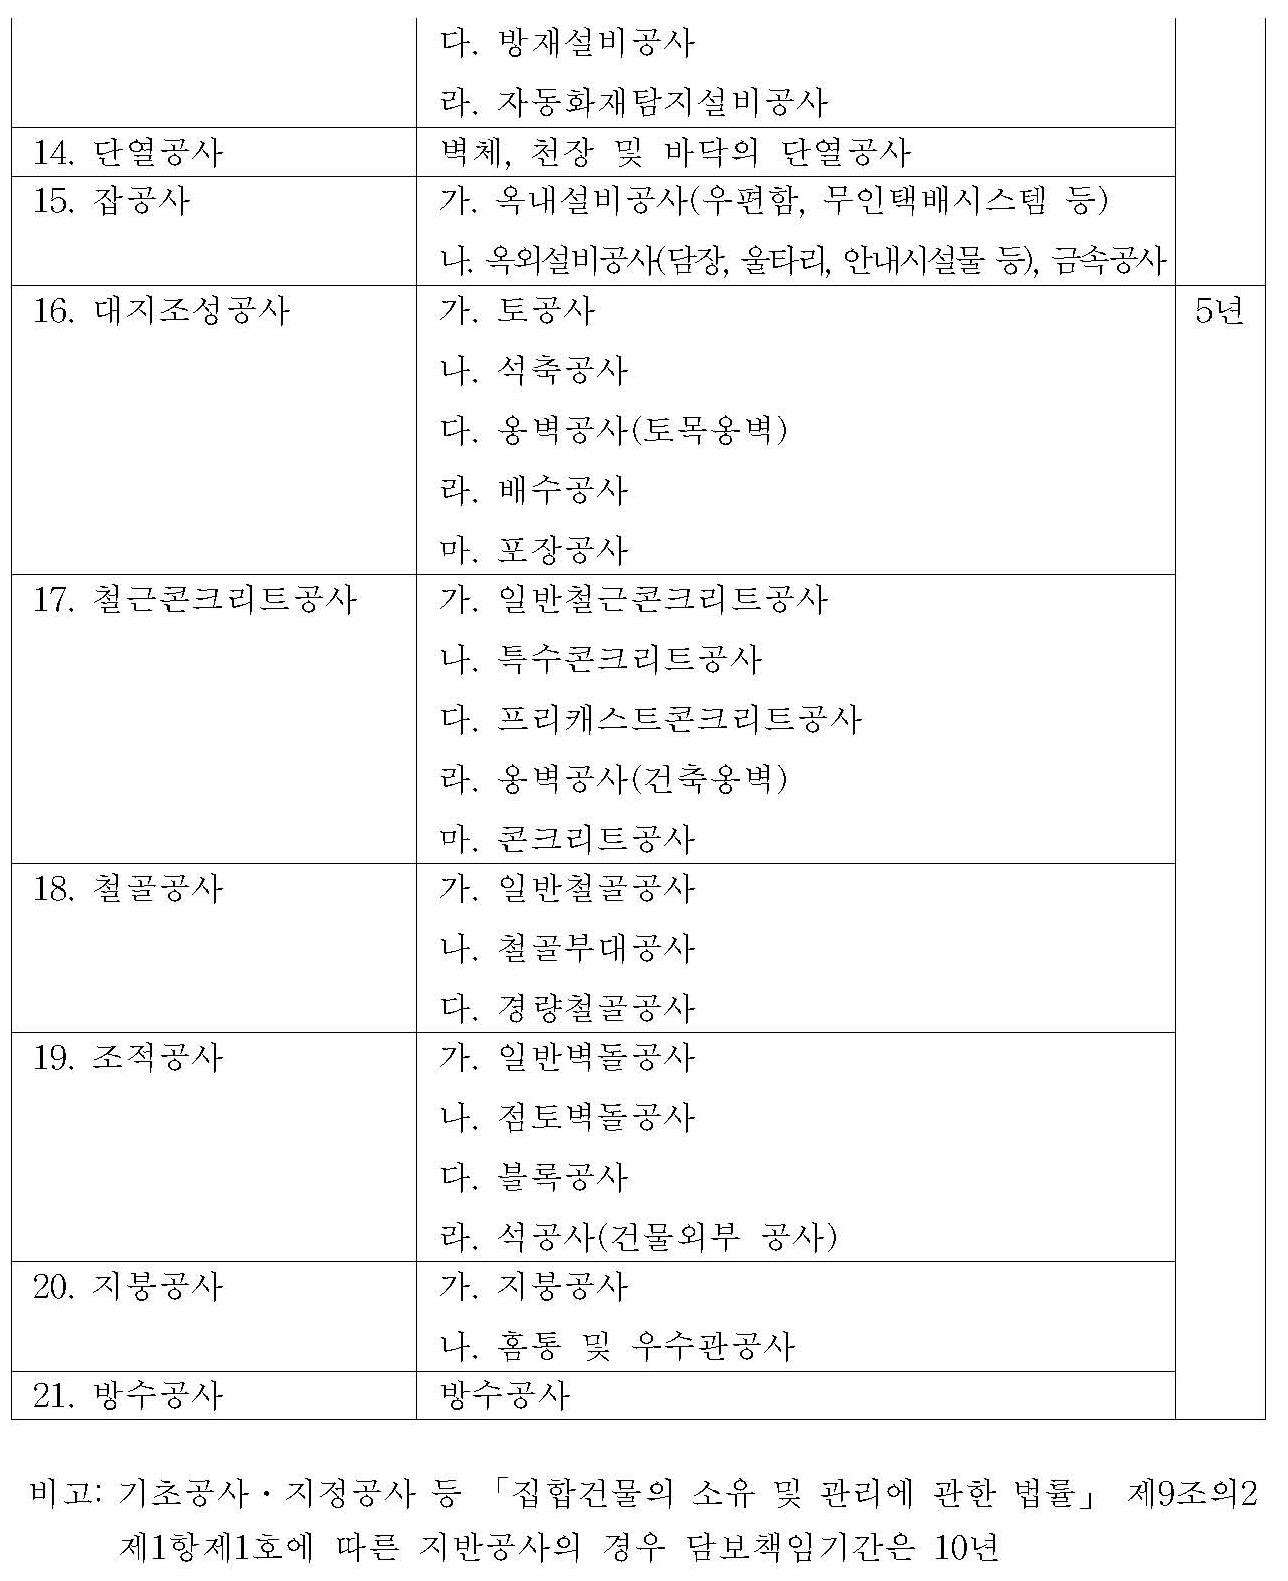 꾸미기_[별표 4] 시설공사별 담보책임기간(제36조제1항제2호 관련)_페이지_3.jpg